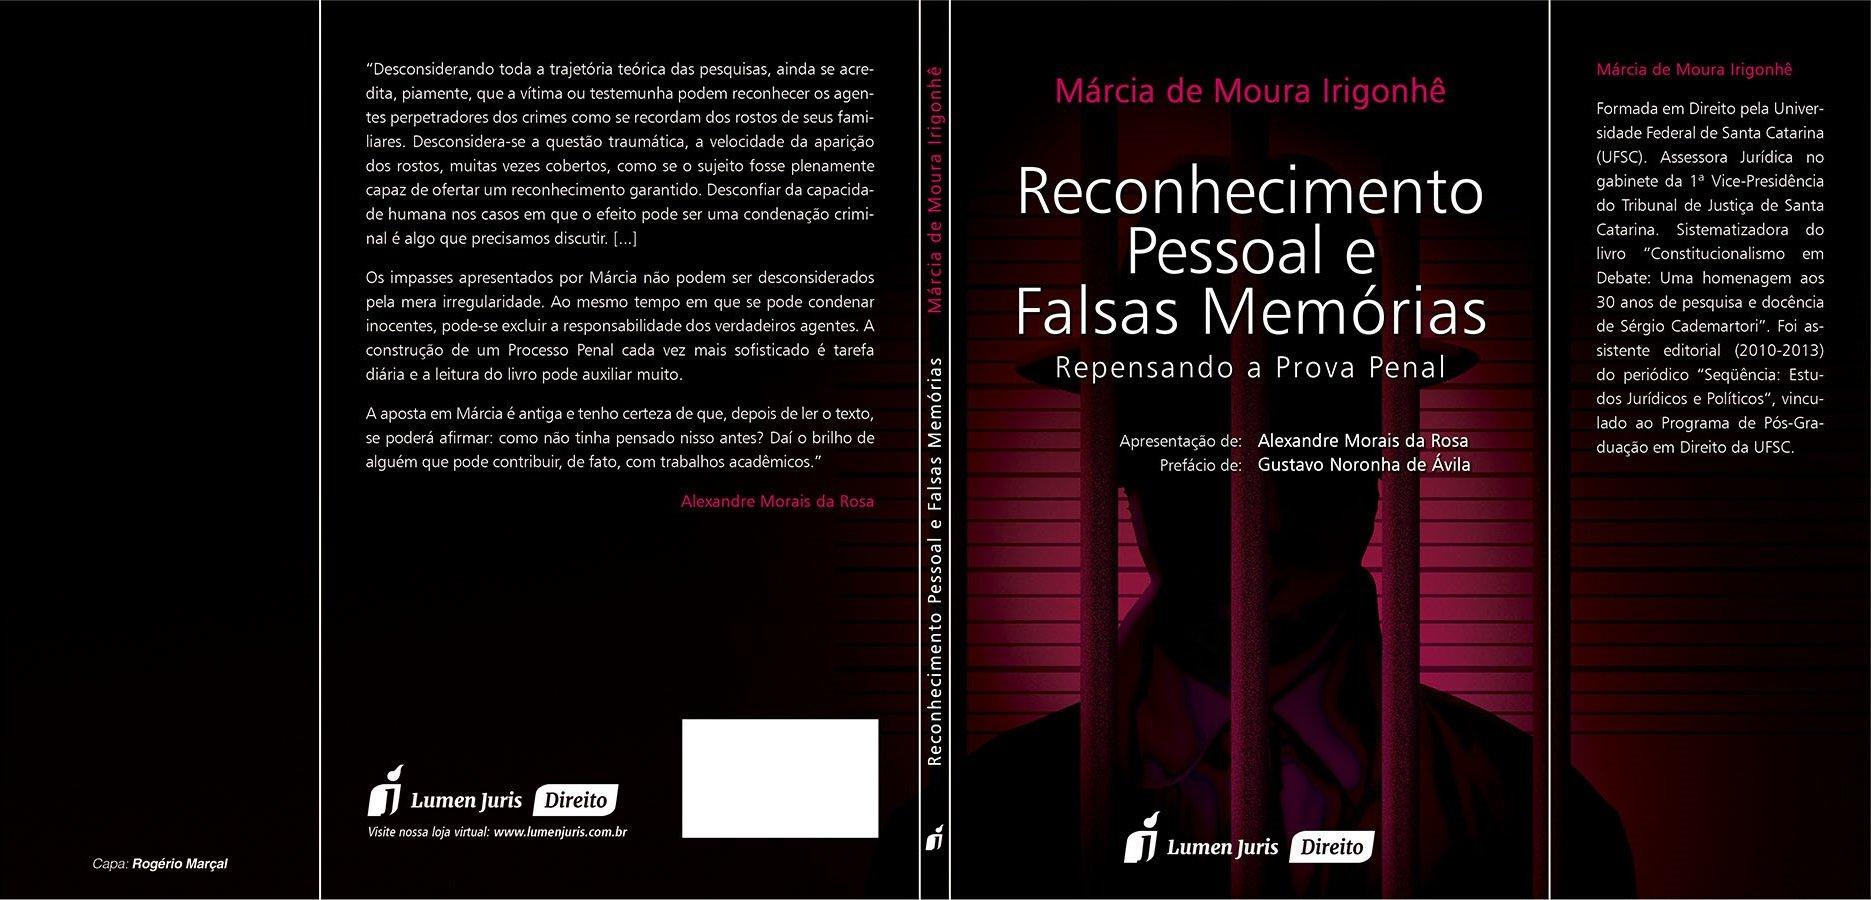 """Lançamento do livro """"Reconhecimento Pessoal e Falsas Memórias"""""""